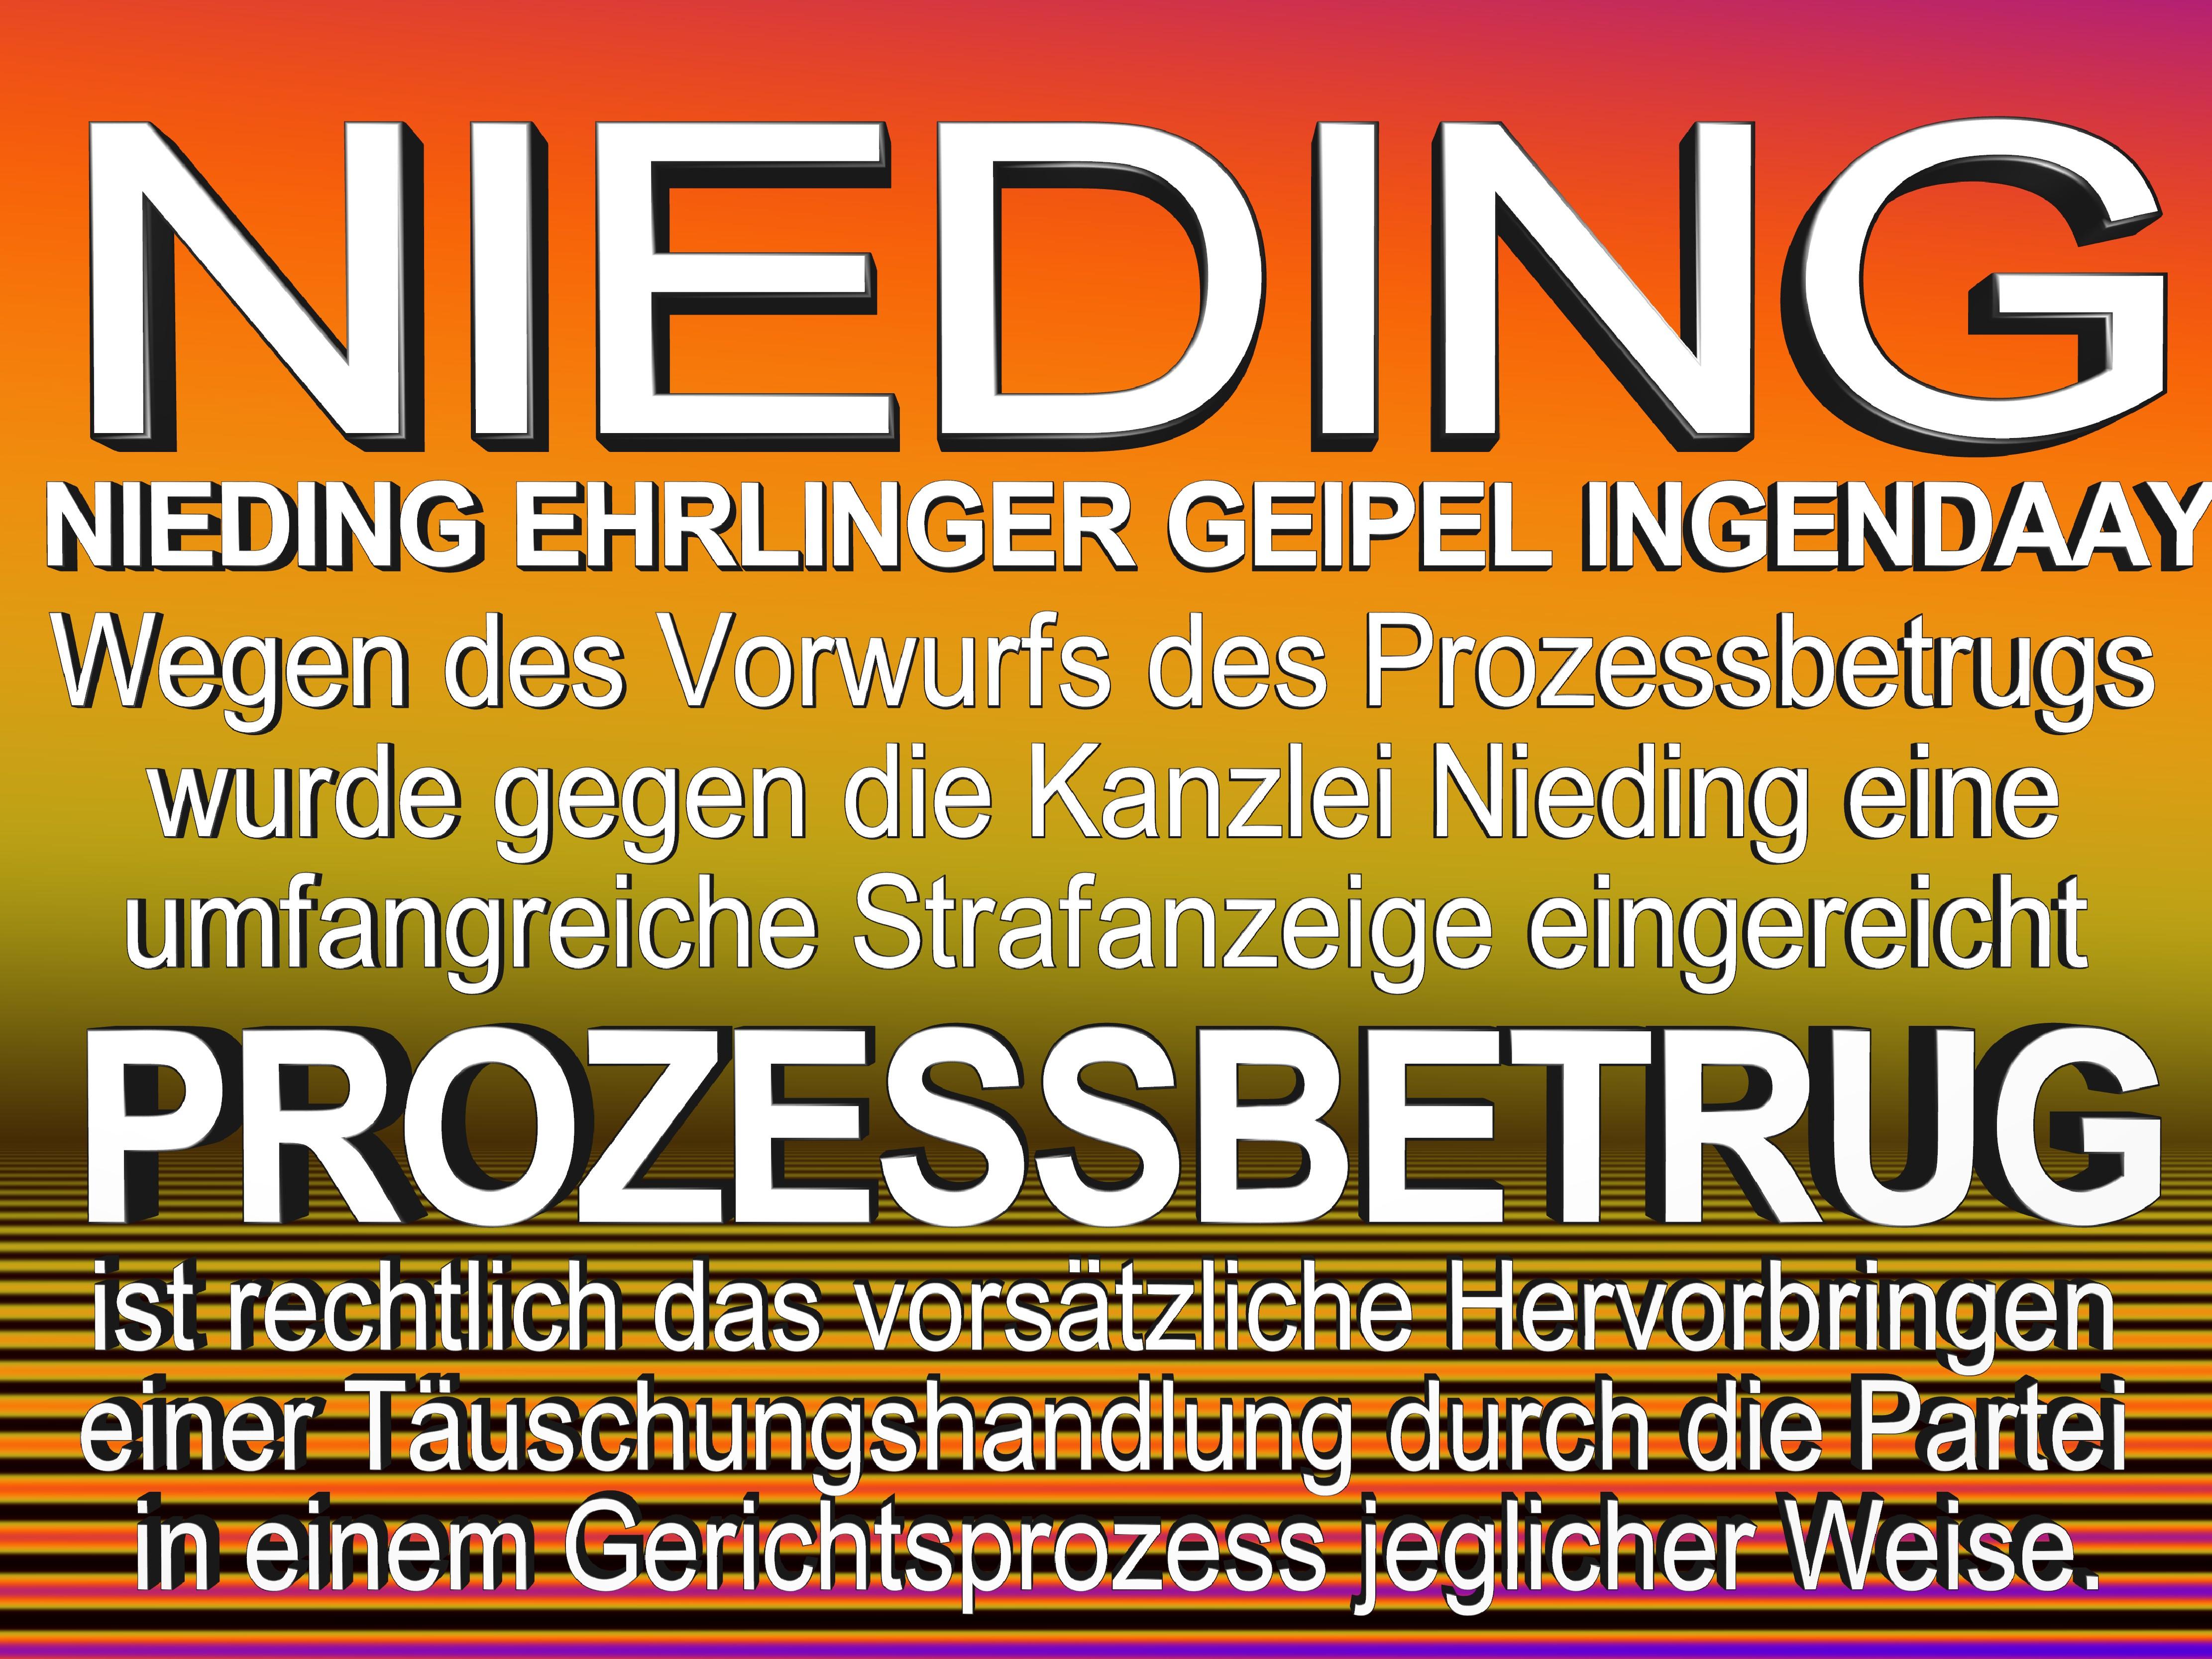 NIEDING EHRLINGER GEIPEL INGENDAAY LELKE Kurfürstendamm 66 Berlin (149)